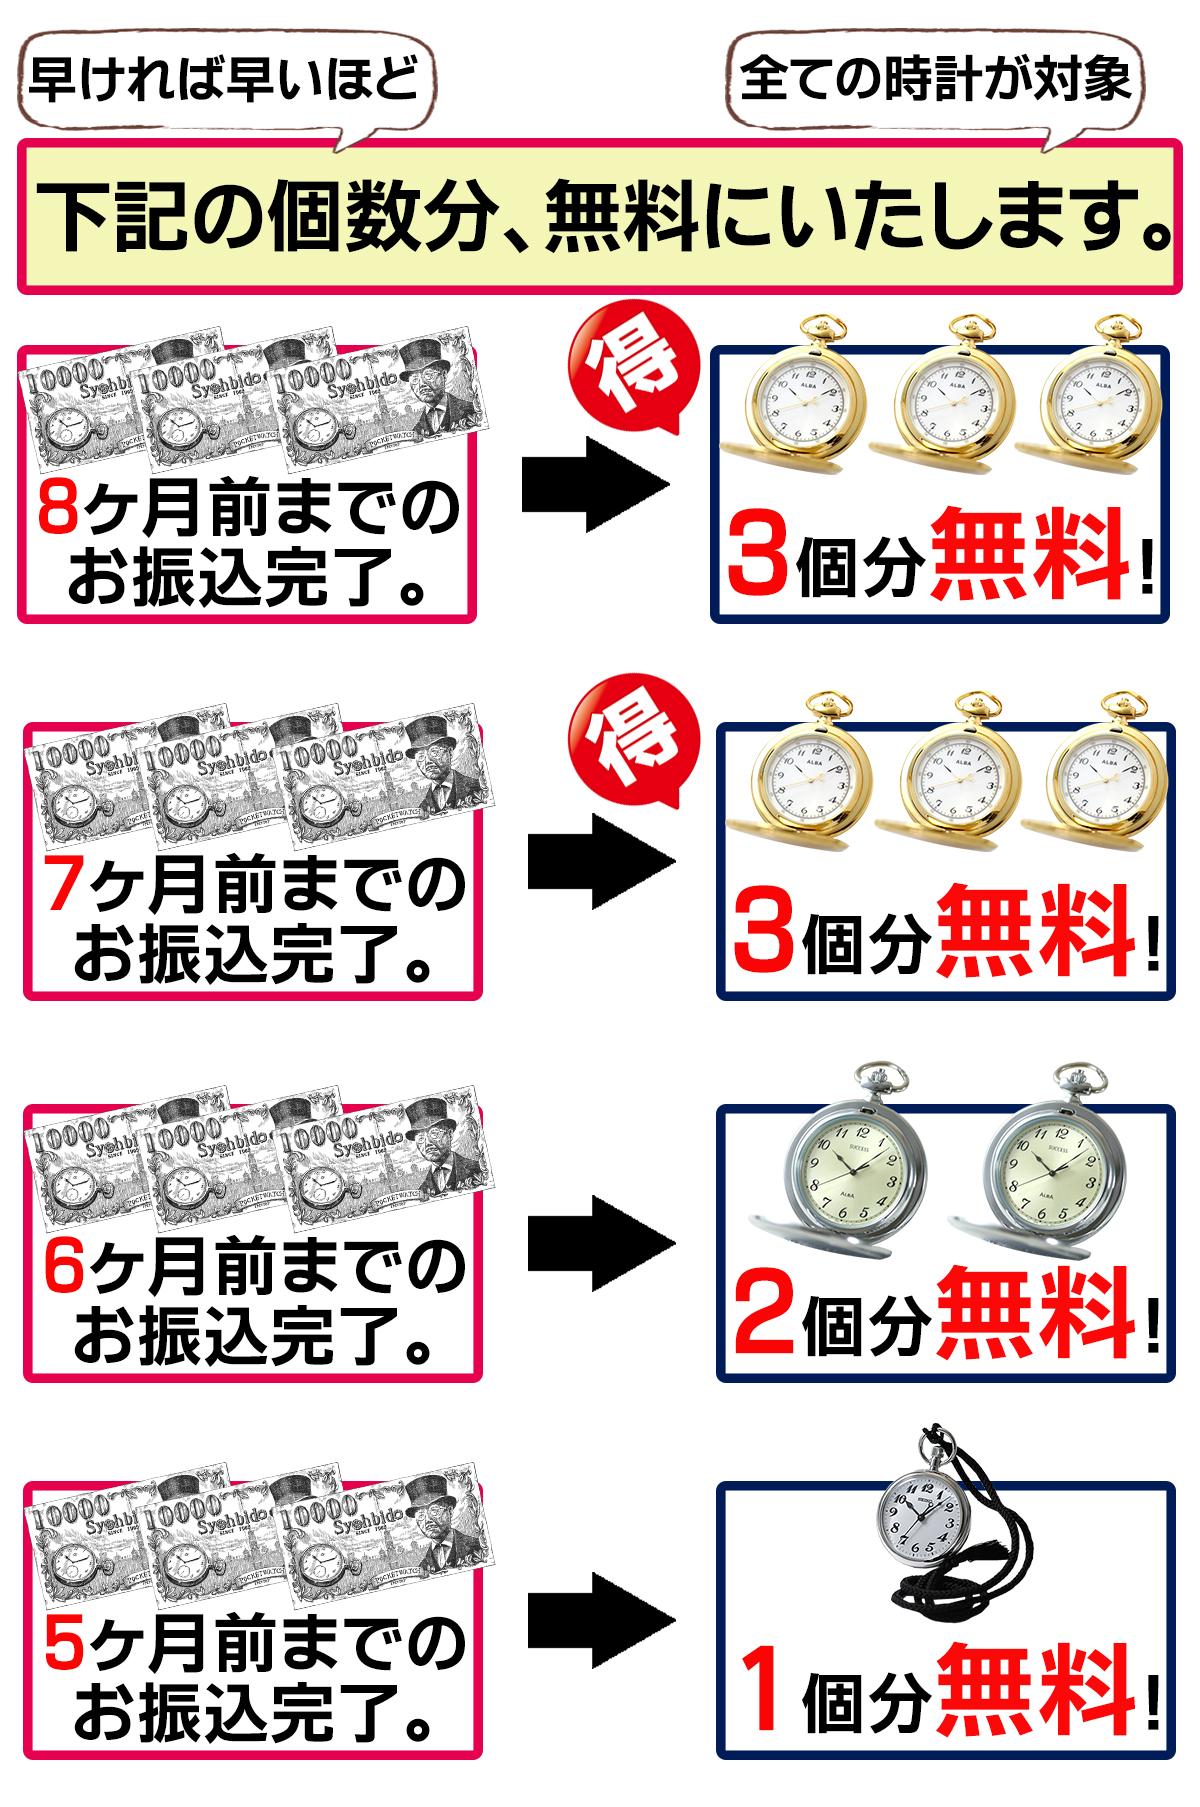 時計 記念品 キャッシュバックキャンペーン